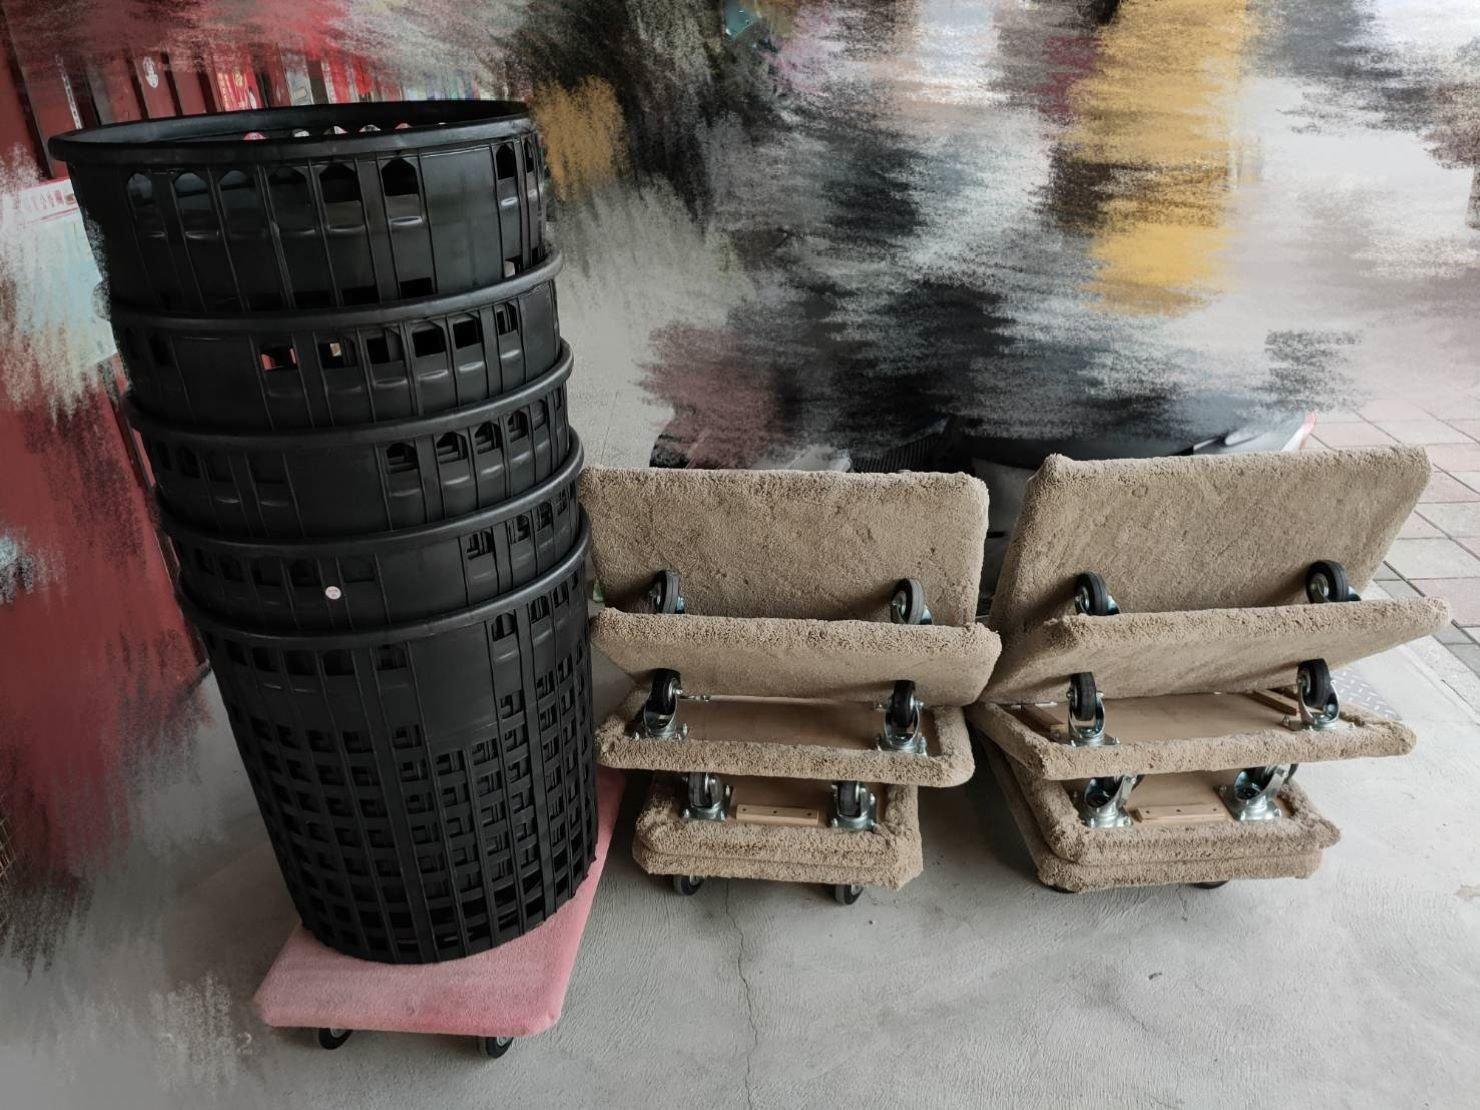 蔞子裝載顧客小家電、小物品及其他雜物;板車便利幫顧客搬運家具及物品、電器使物品平穩安全搬運。